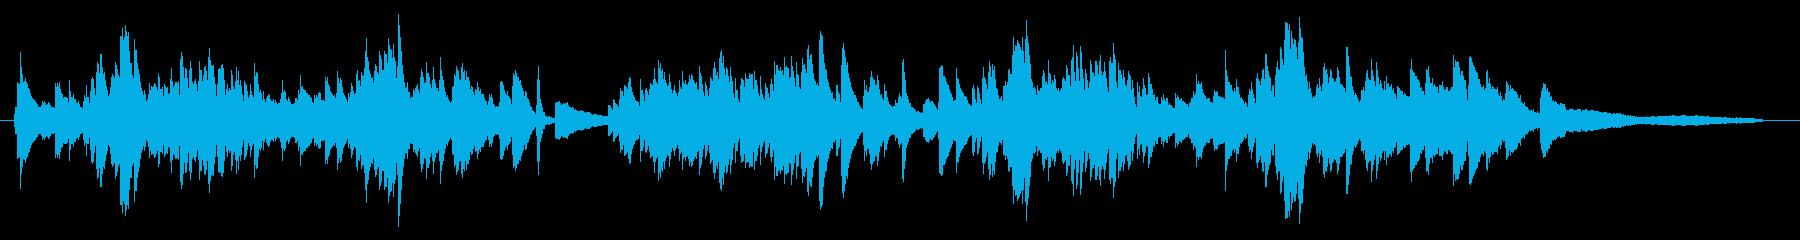 ショパン風 優雅なワルツ ピアノソロの再生済みの波形